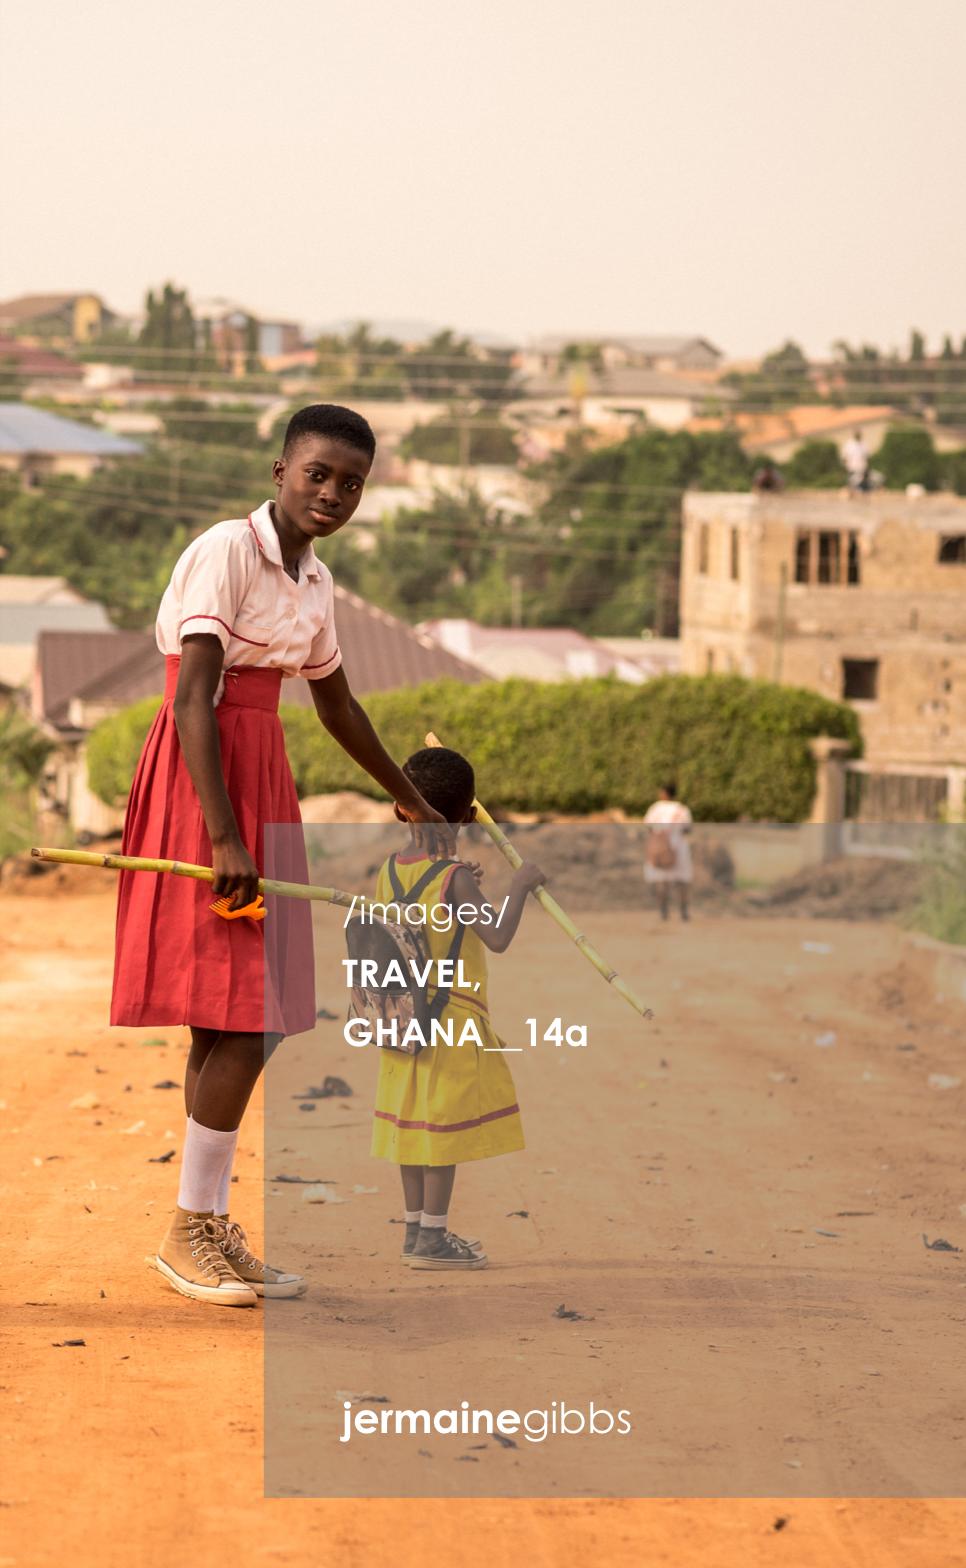 Travel_Ghana__14a